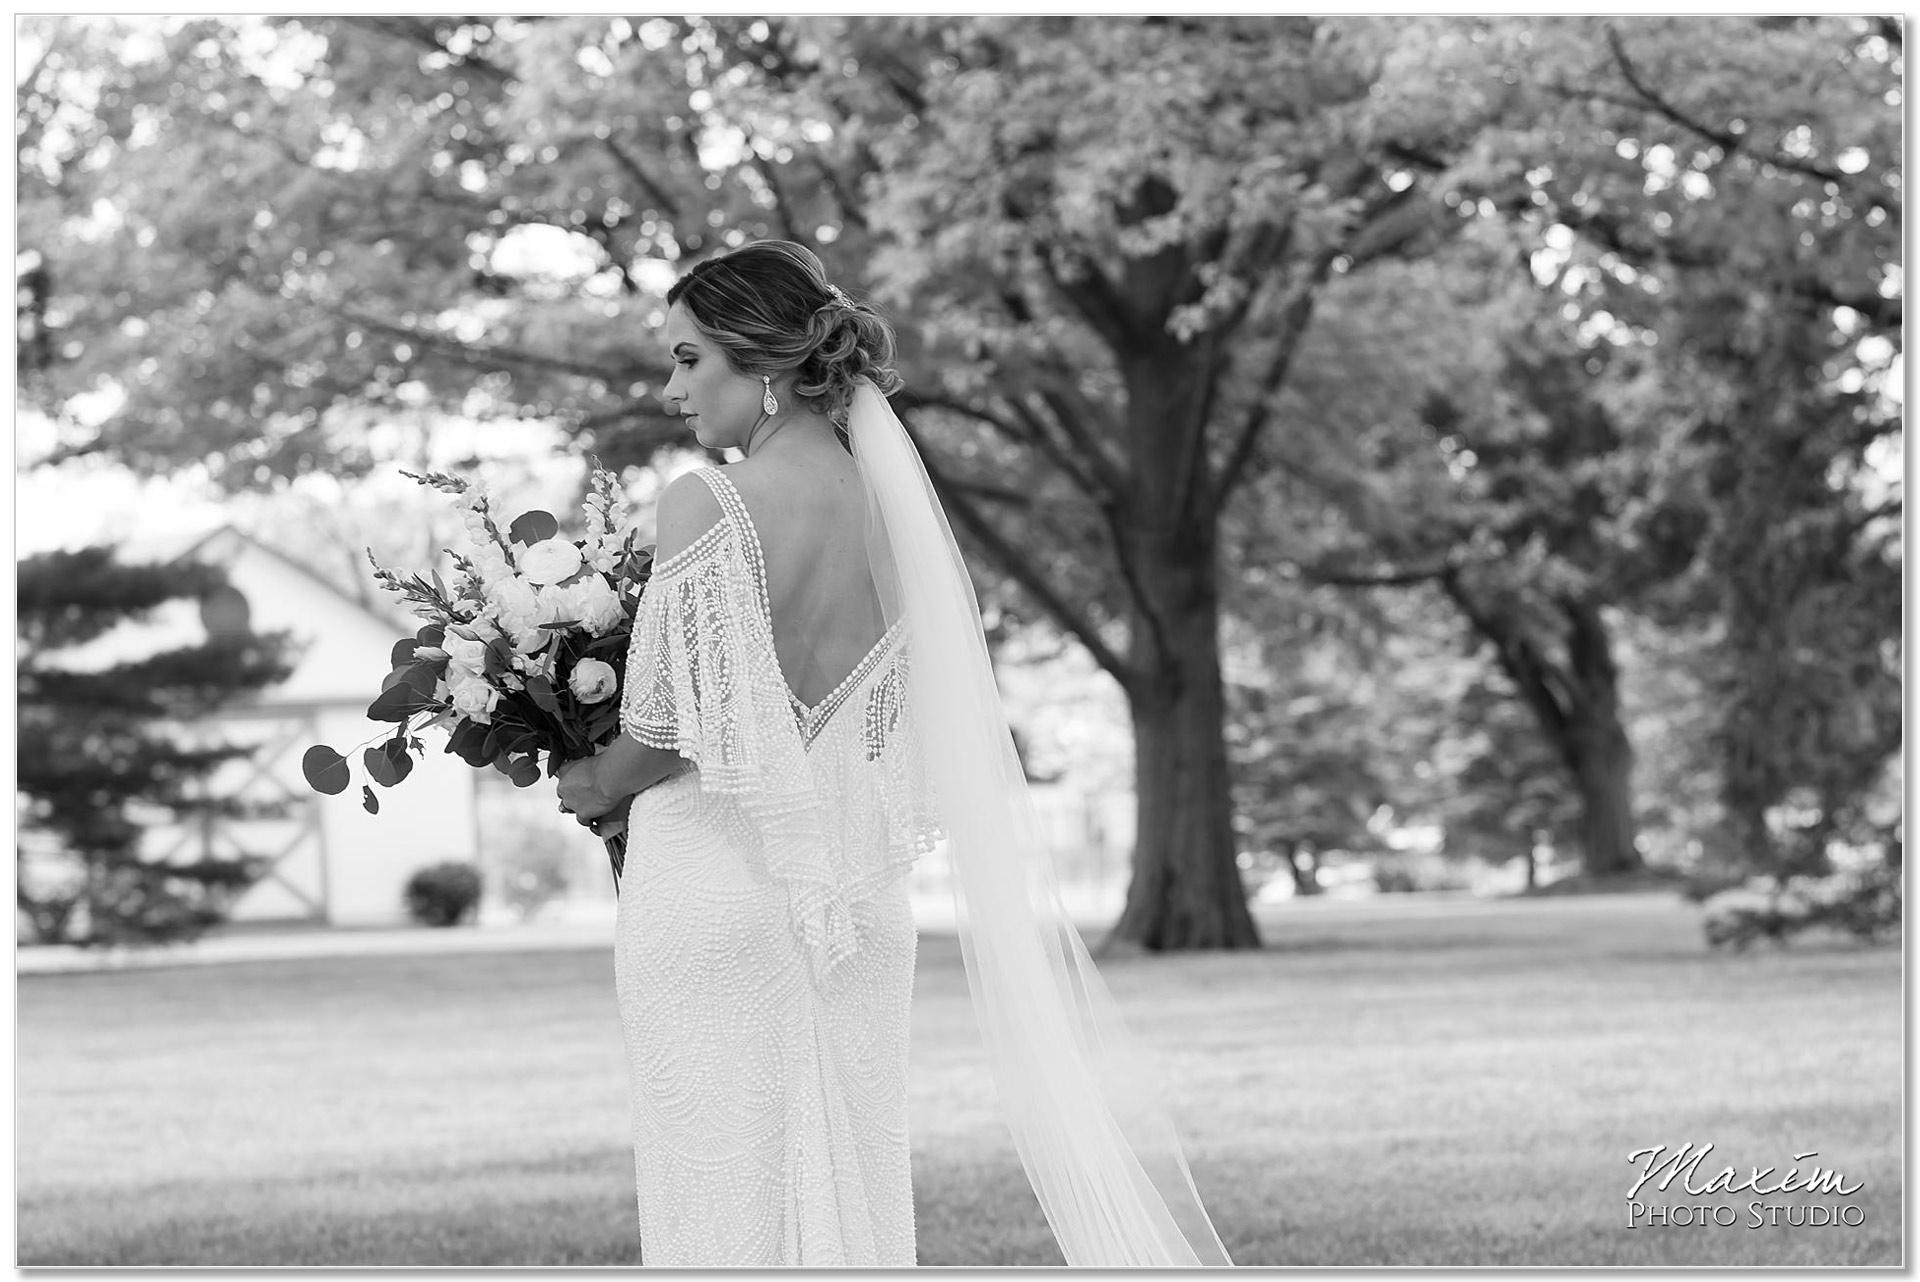 Bride Polen Farm Bhldn Wedding Dress